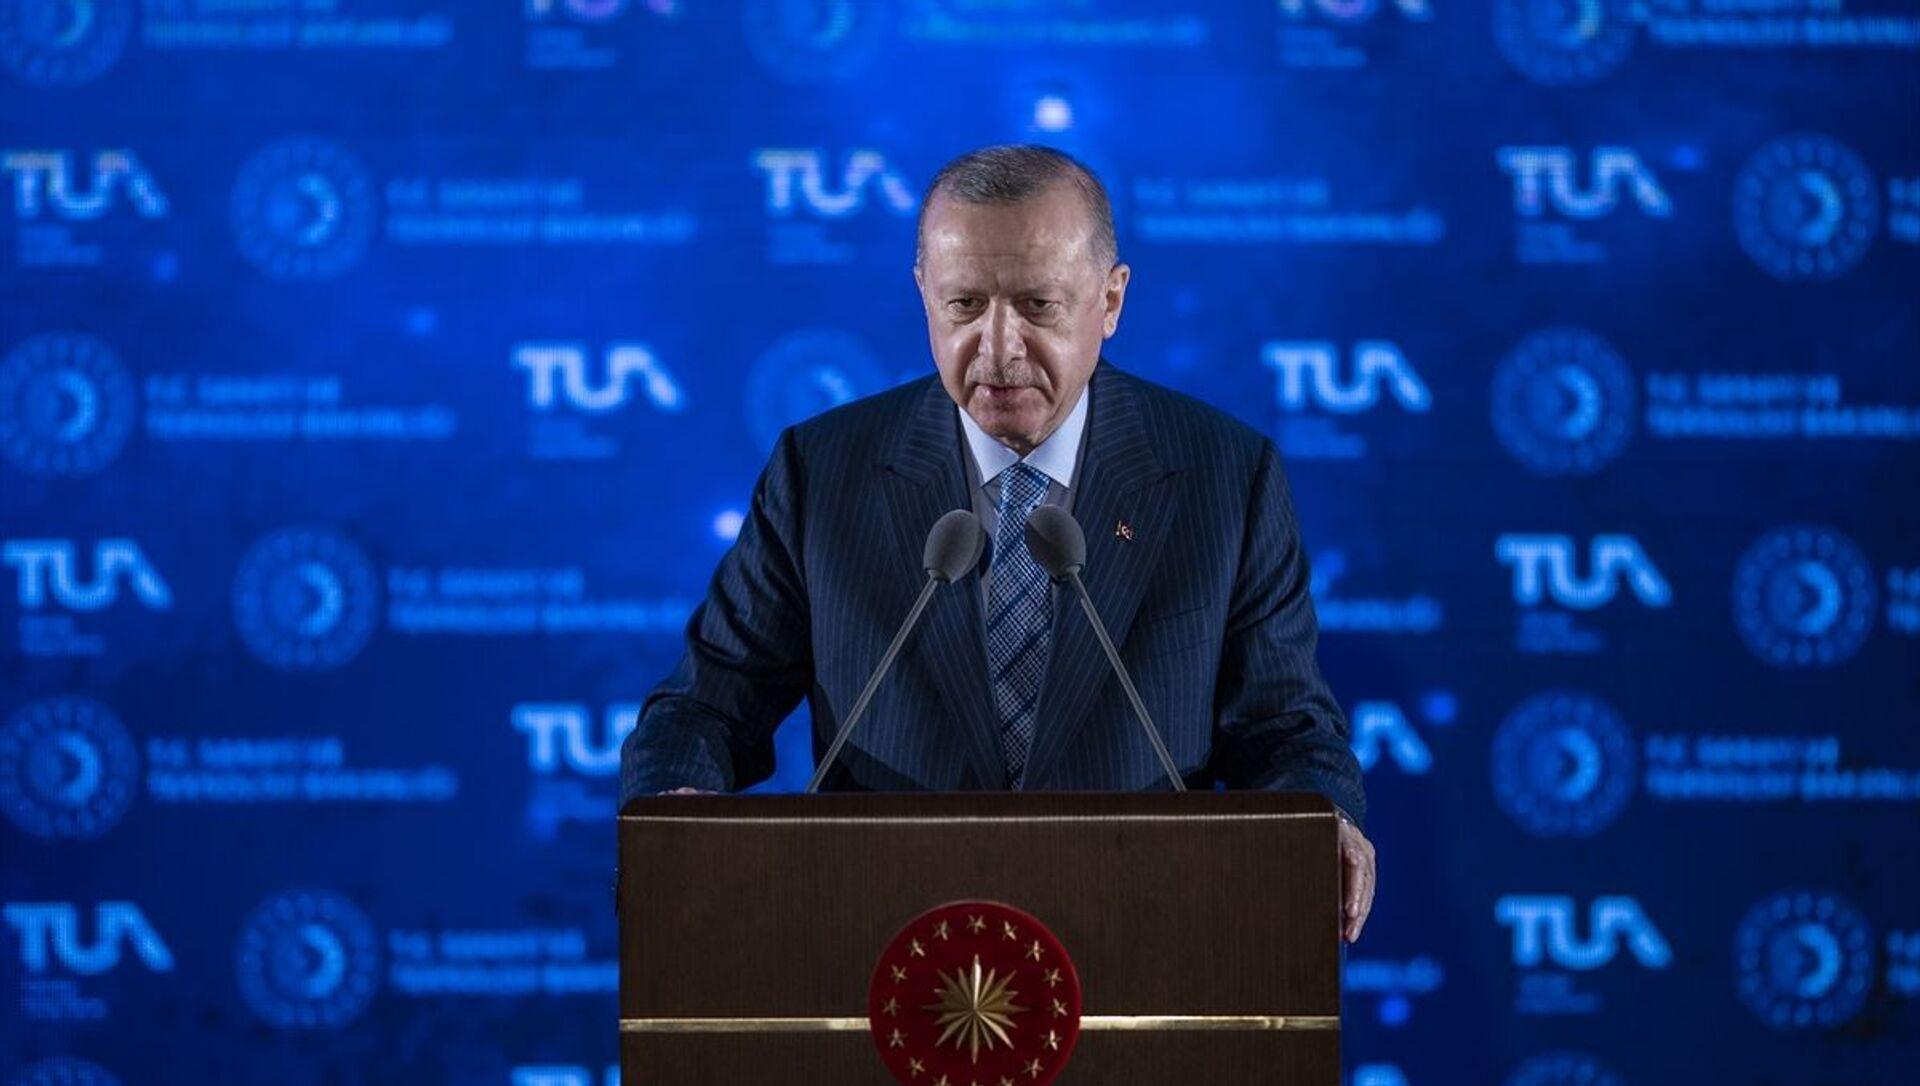 Türkiye Cumhurbaşkanı Recep Tayyip Erdoğan, Beştepe Millet Kongre ve Kültür Merkezi'nde düzenlenen Milli Uzay Programı Tanıtım Toplantısı'na katılarak konuşma yaptı. - Sputnik Türkiye, 1920, 09.02.2021